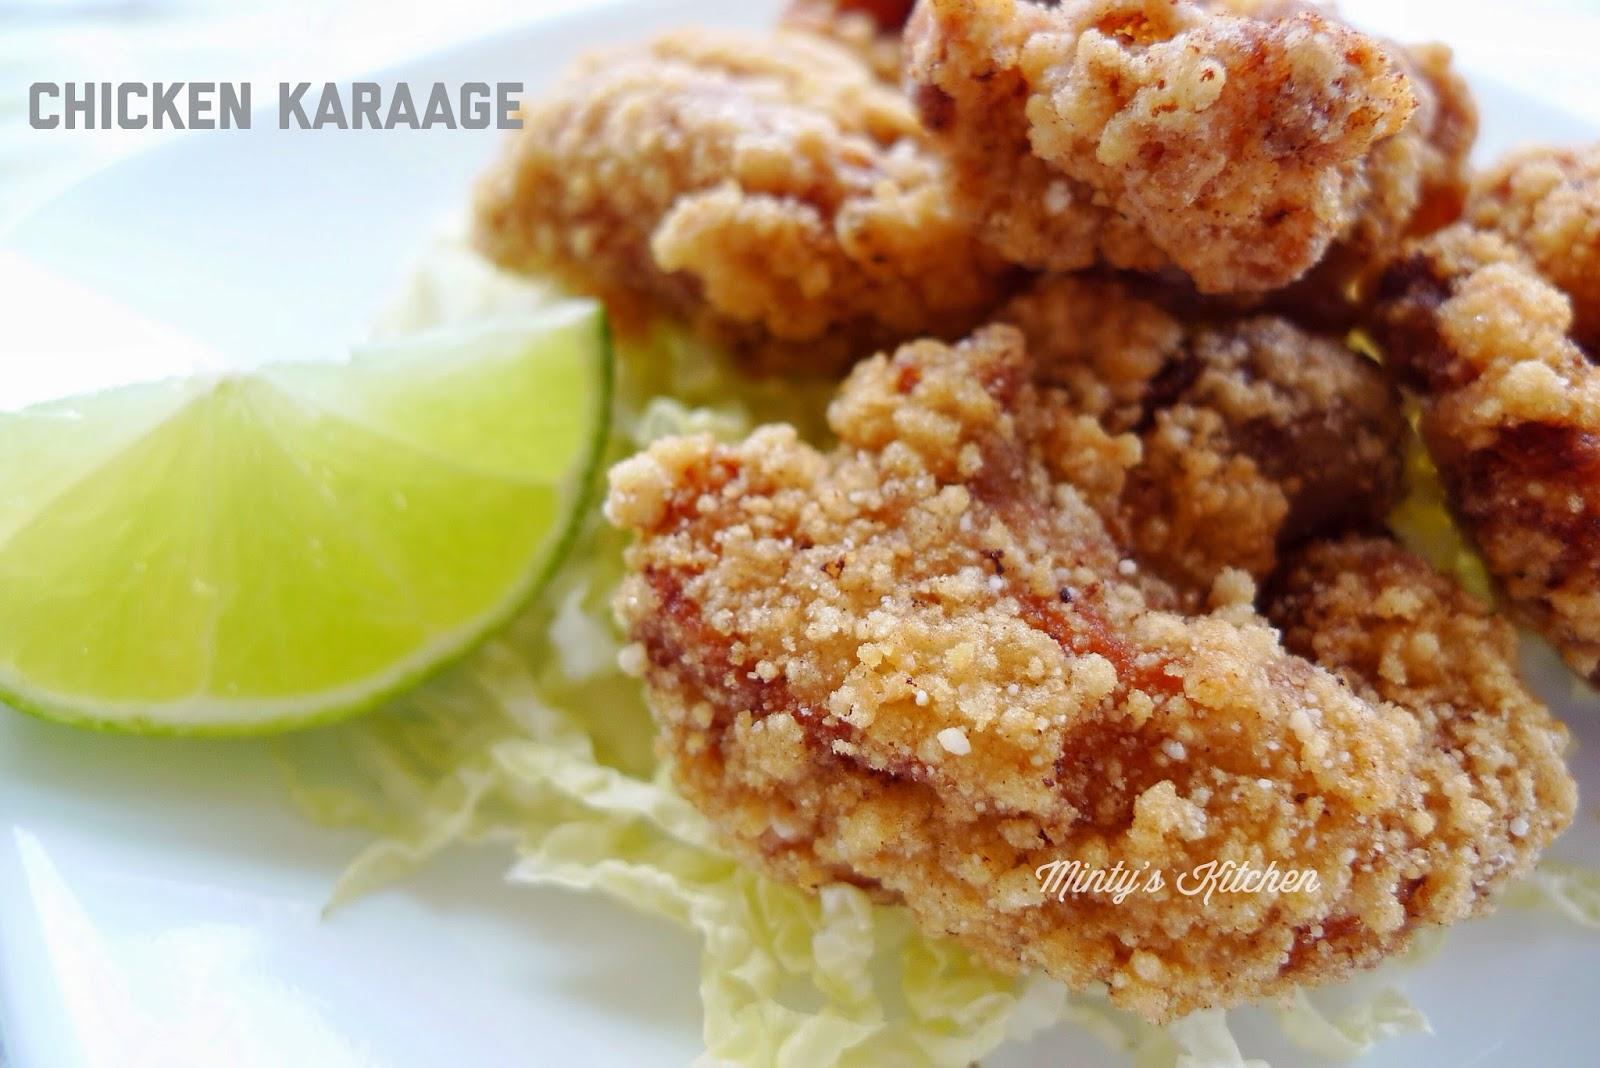 Minty's Kitchen: Chicken Karaage (Japanese Fried Chicken)